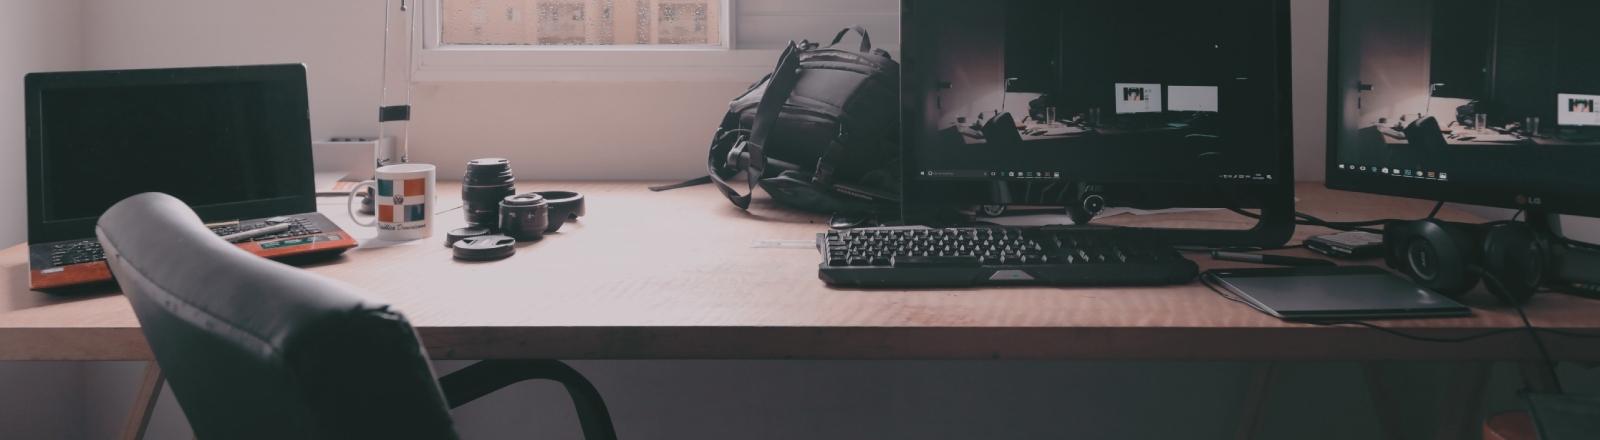 Rechner und Monitore, keine Kolleginnen, keine Kollegen: Homeoffice (Symbolbild)